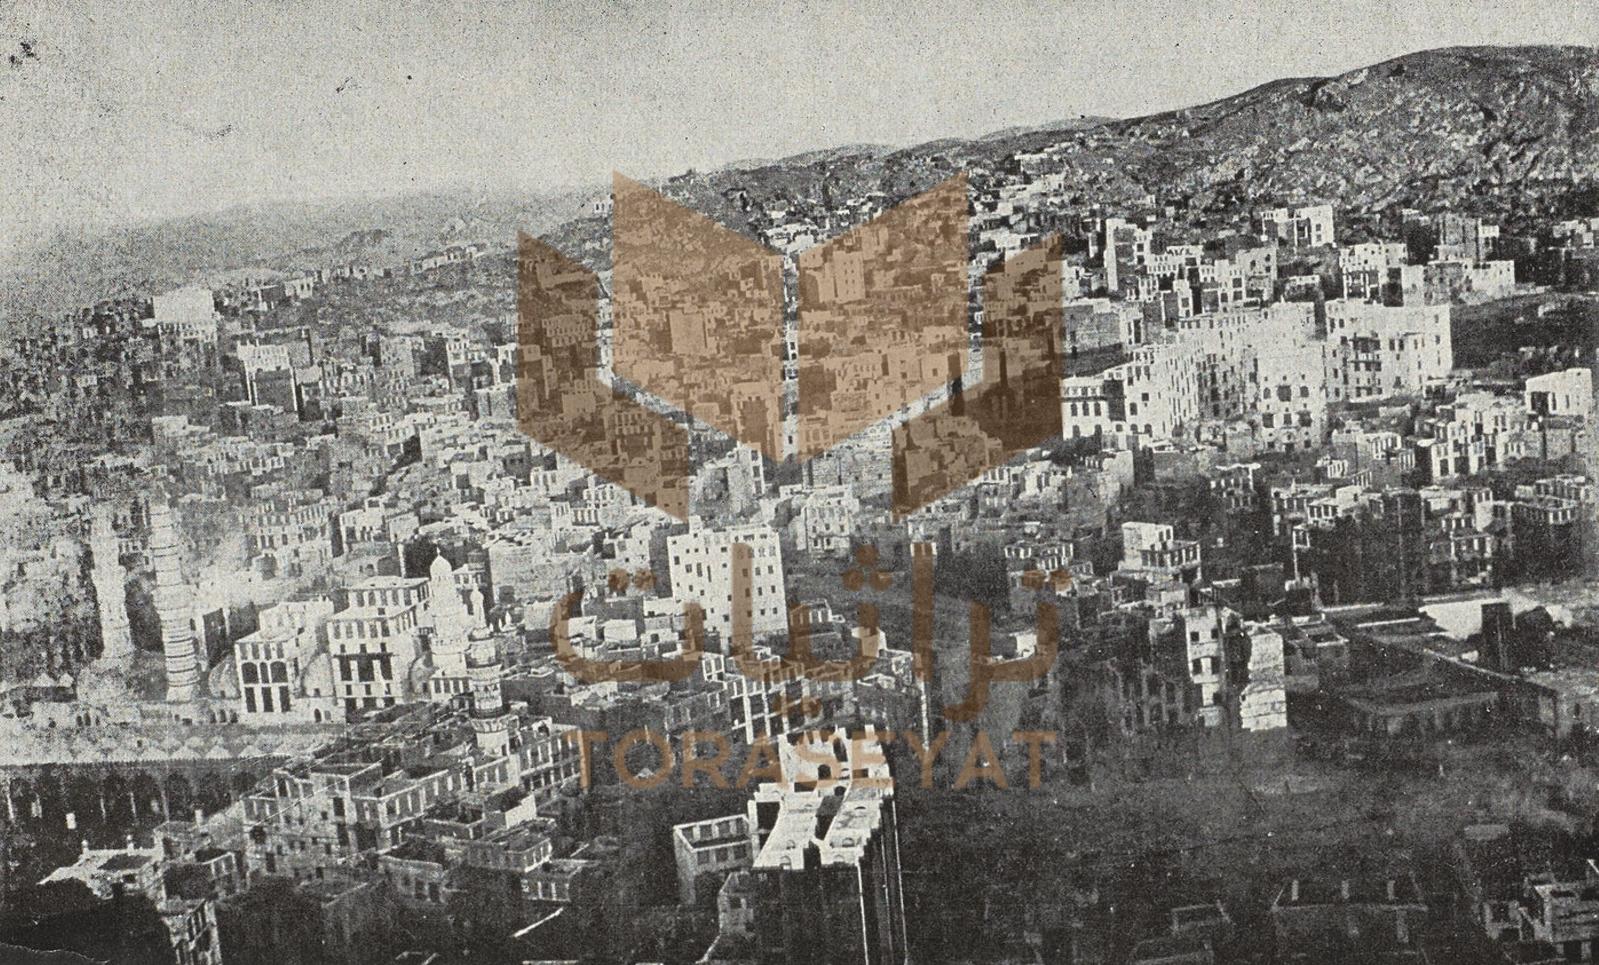 وادي عبدالمطلب بعد امتداد العمران له ، وهو المعروف في التاريخ بشعب أبي طالب